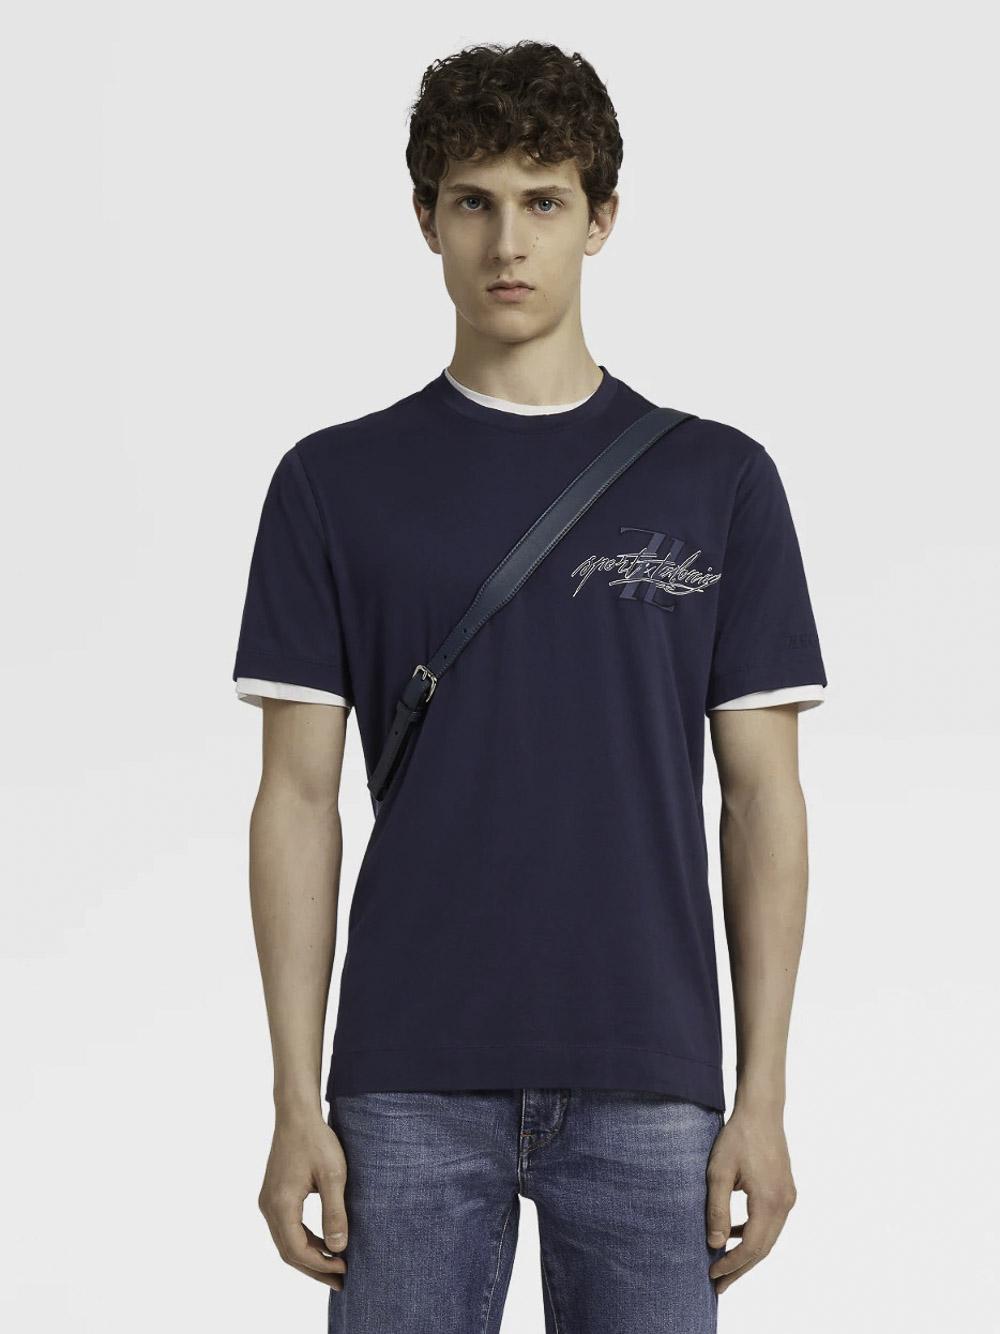 ZEGNA Μπλούζα T-Shirt VV372 ZZ630M-6M1 ΜΠΛΕ